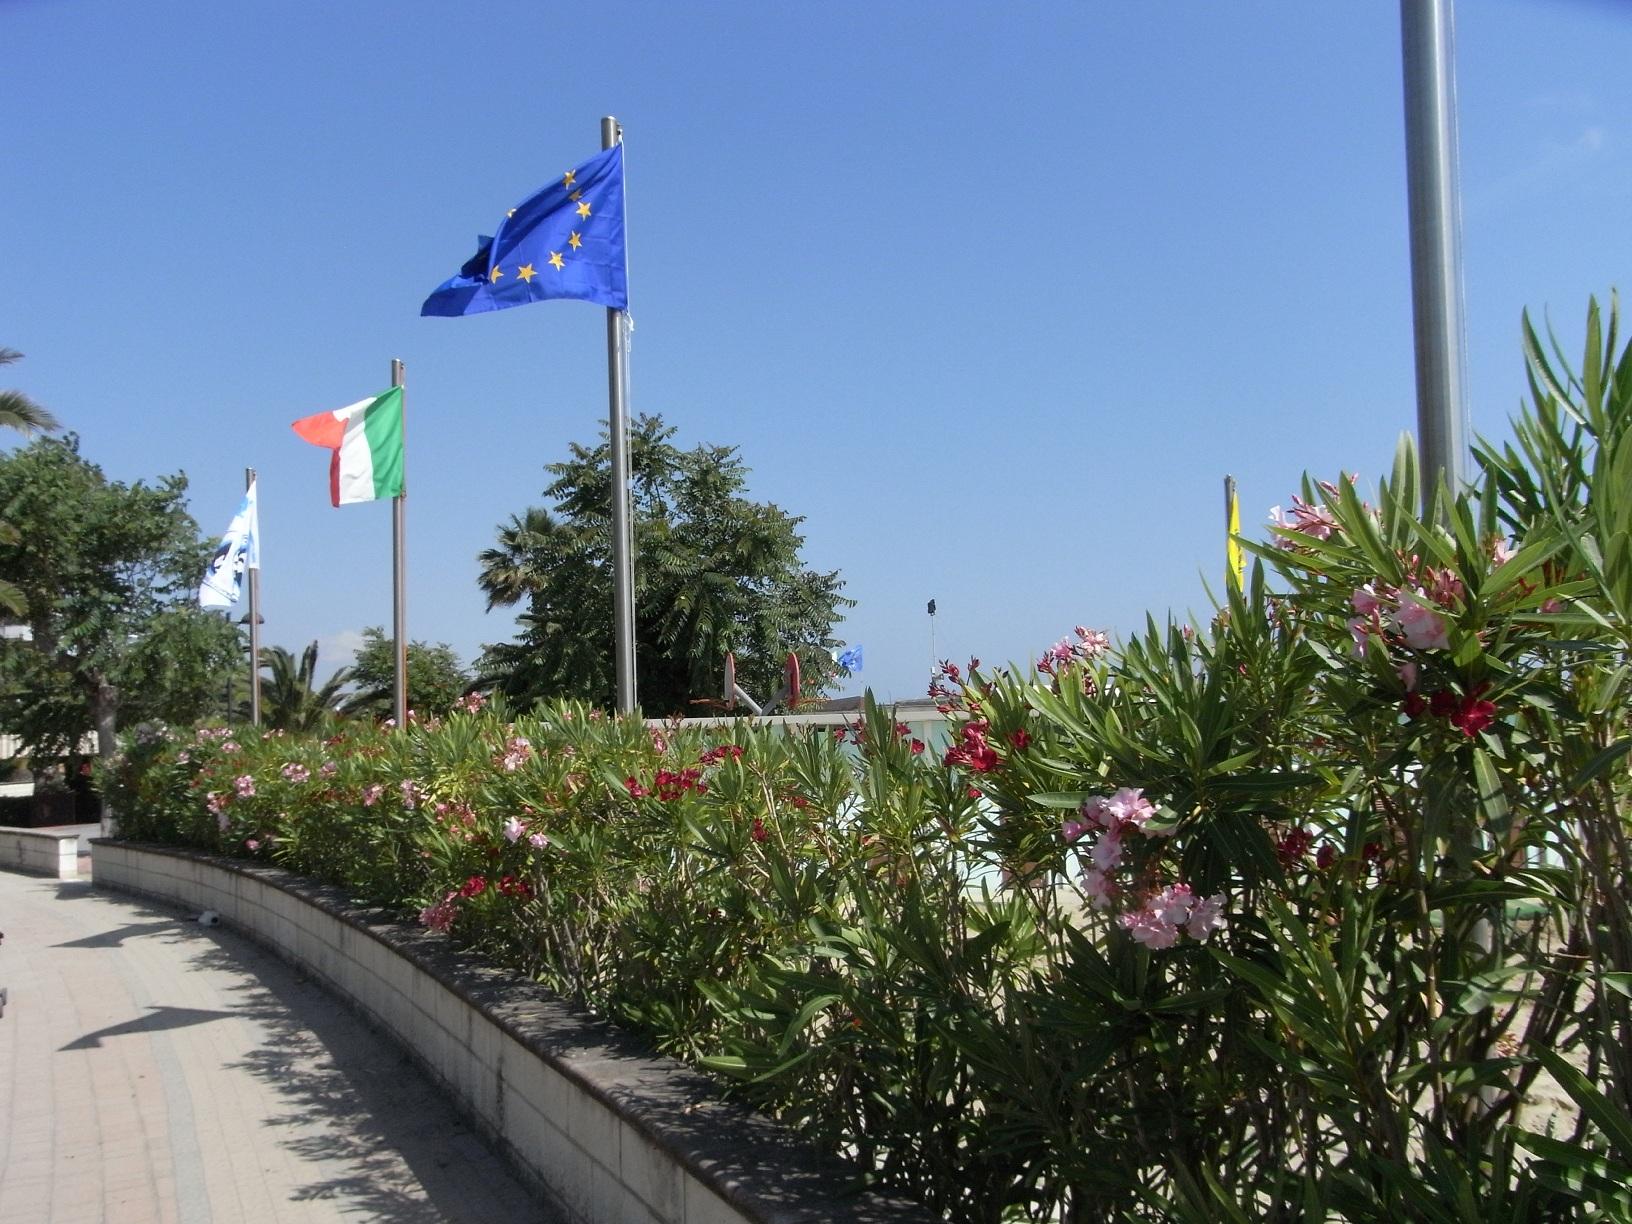 Case per Vacanze Tortoreto Villa Rosa Martinsicuro